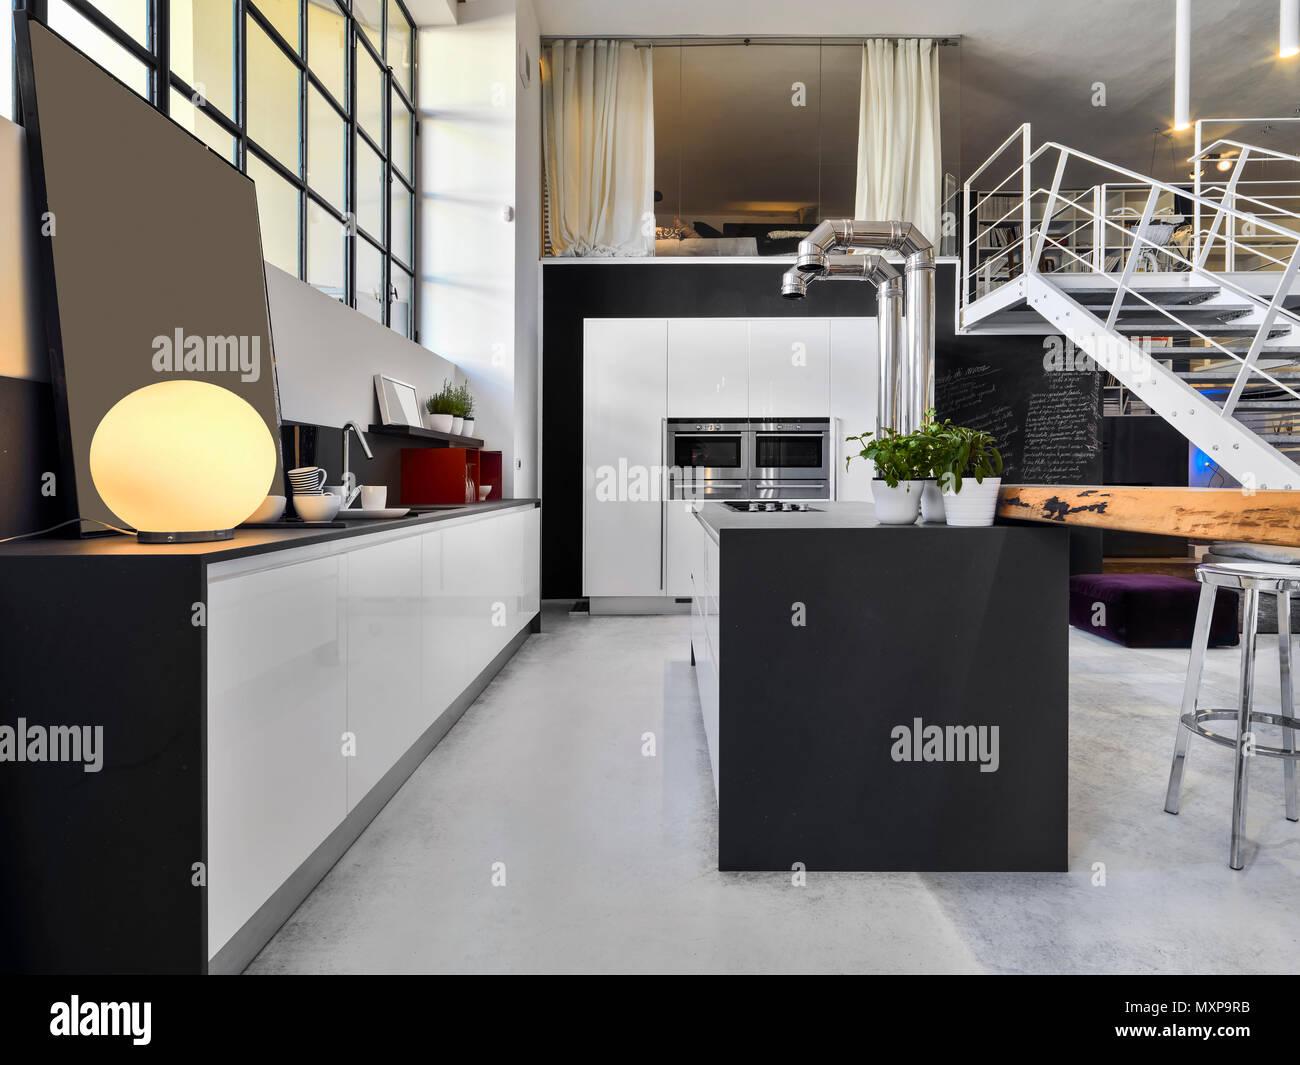 Cucina moderna con interni in primo piano la cucina isola il ...